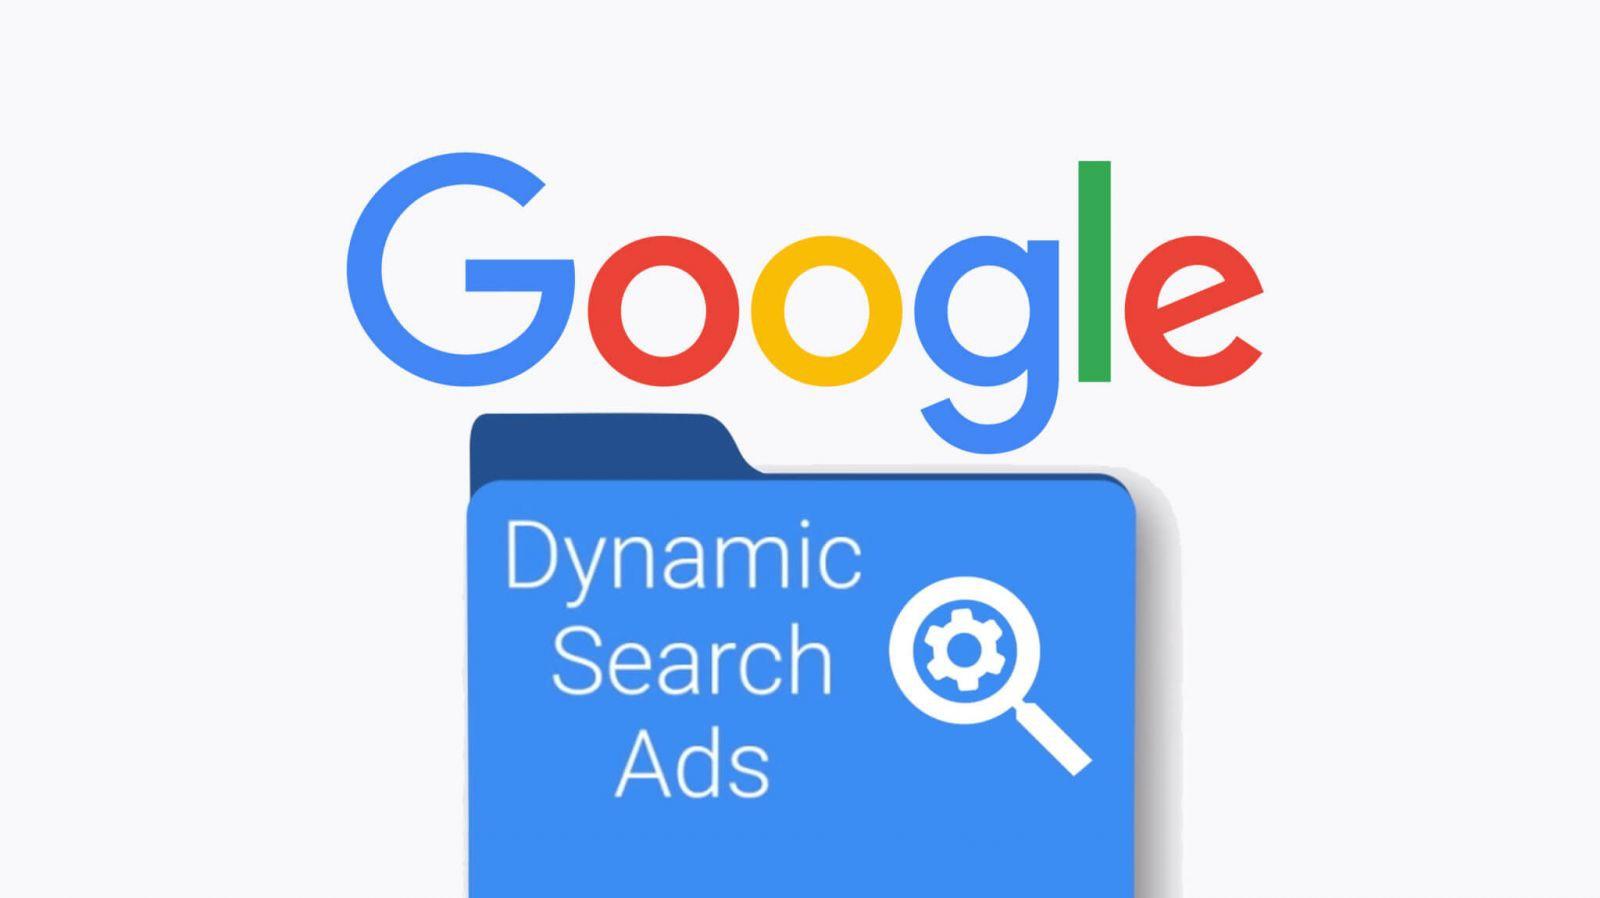 Quảng cáo tìm kiếm động